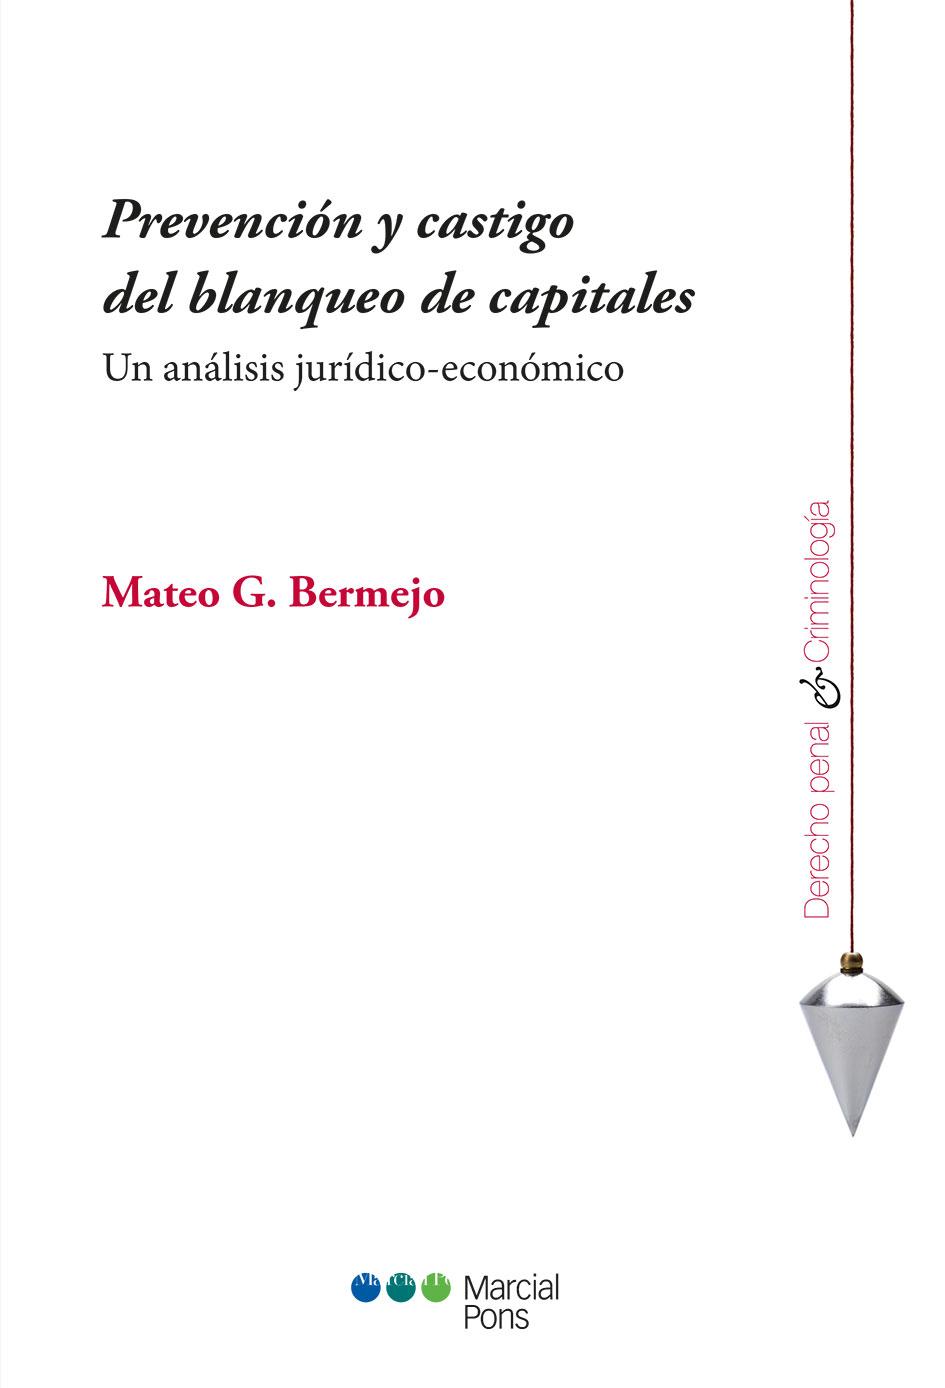 Portada del libro Prevención y castigo del blanqueo de capitales